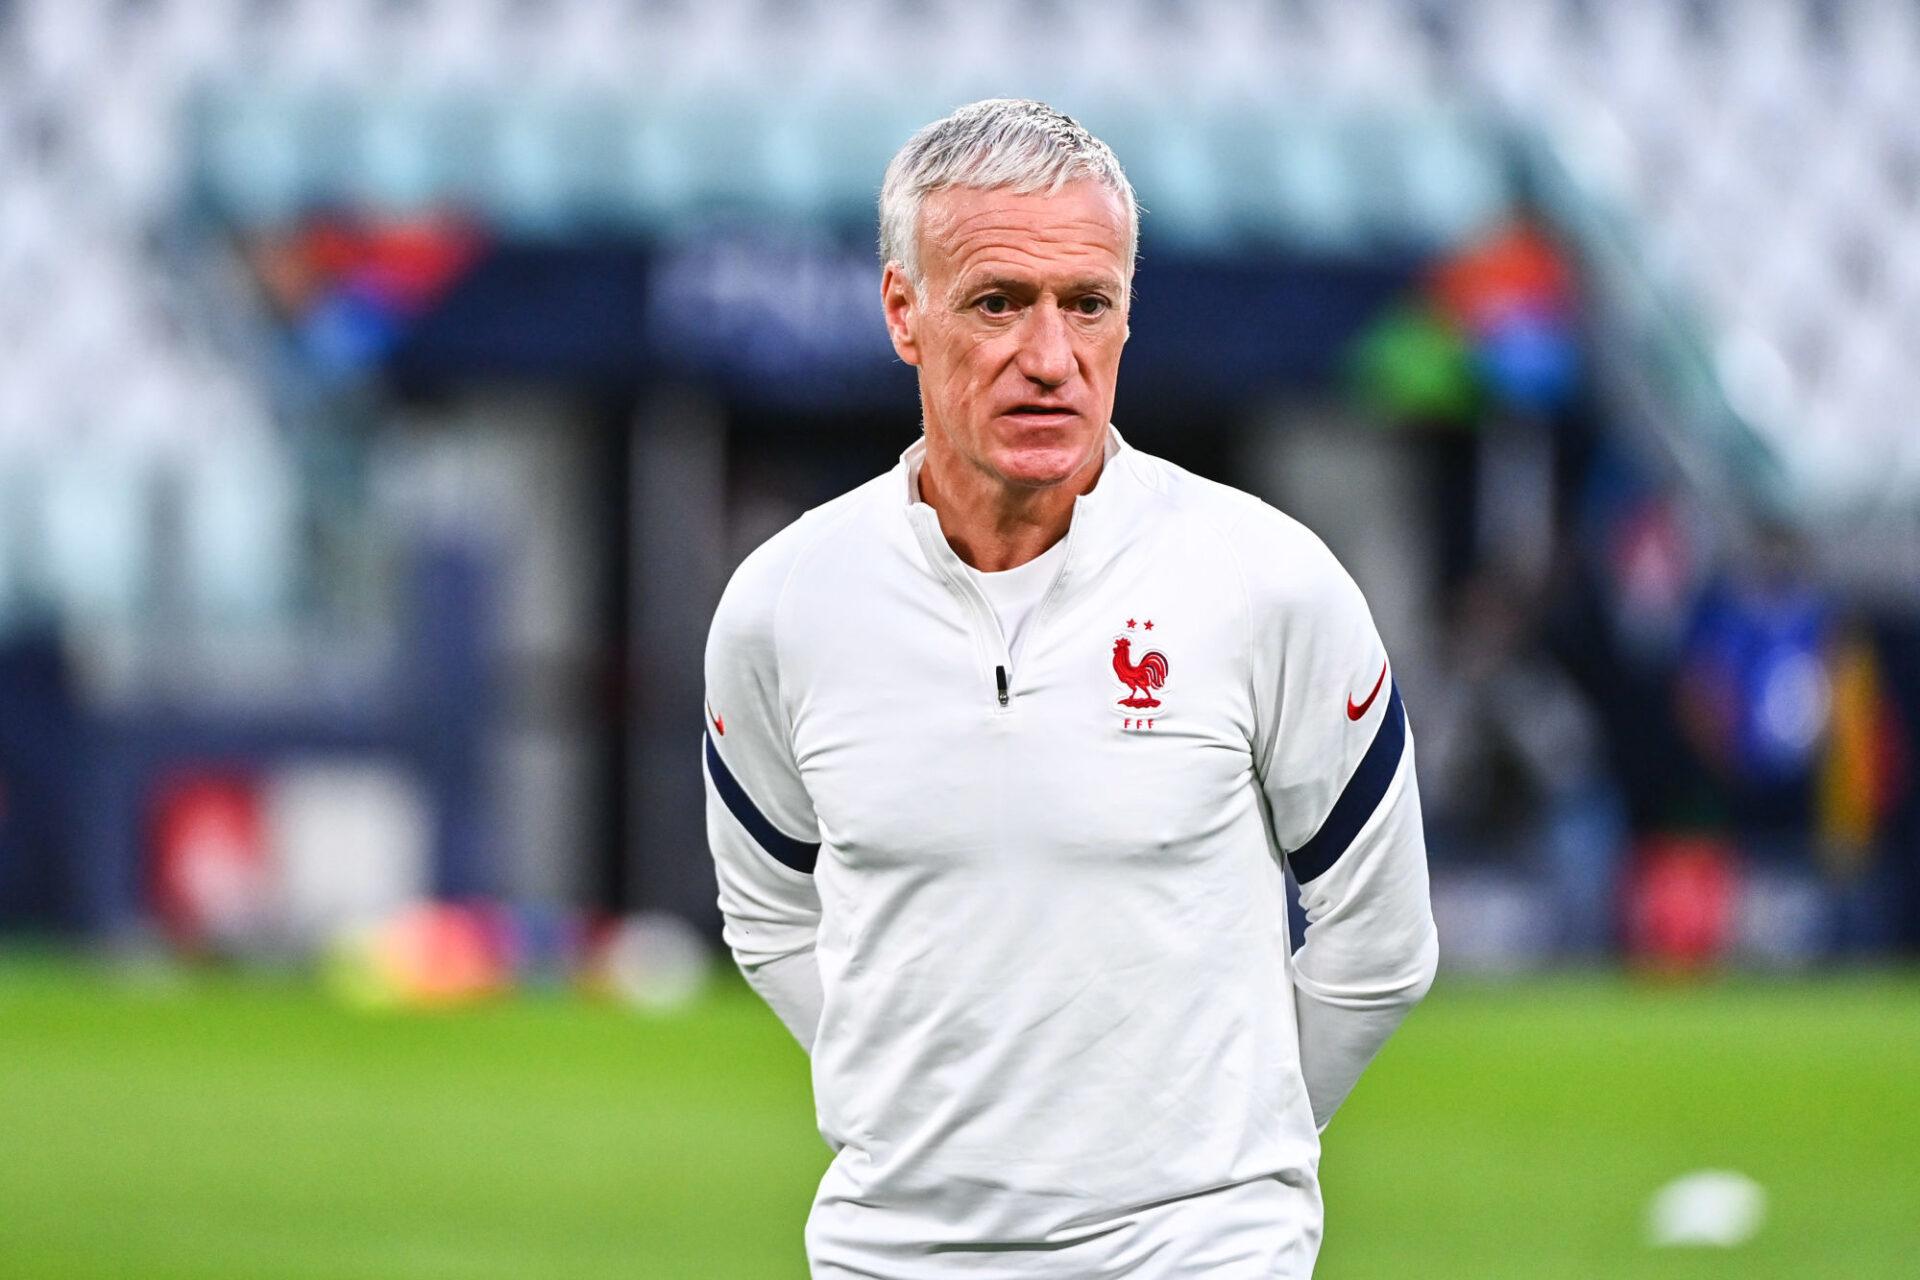 Didier Deschamps va-t-il installer le 3-4-1-2 dans la durée ? Ou choisira-t-il de revenir à un ancien système si ce dernier ne fonctionne pas contre la Belgique ? Icon Sport